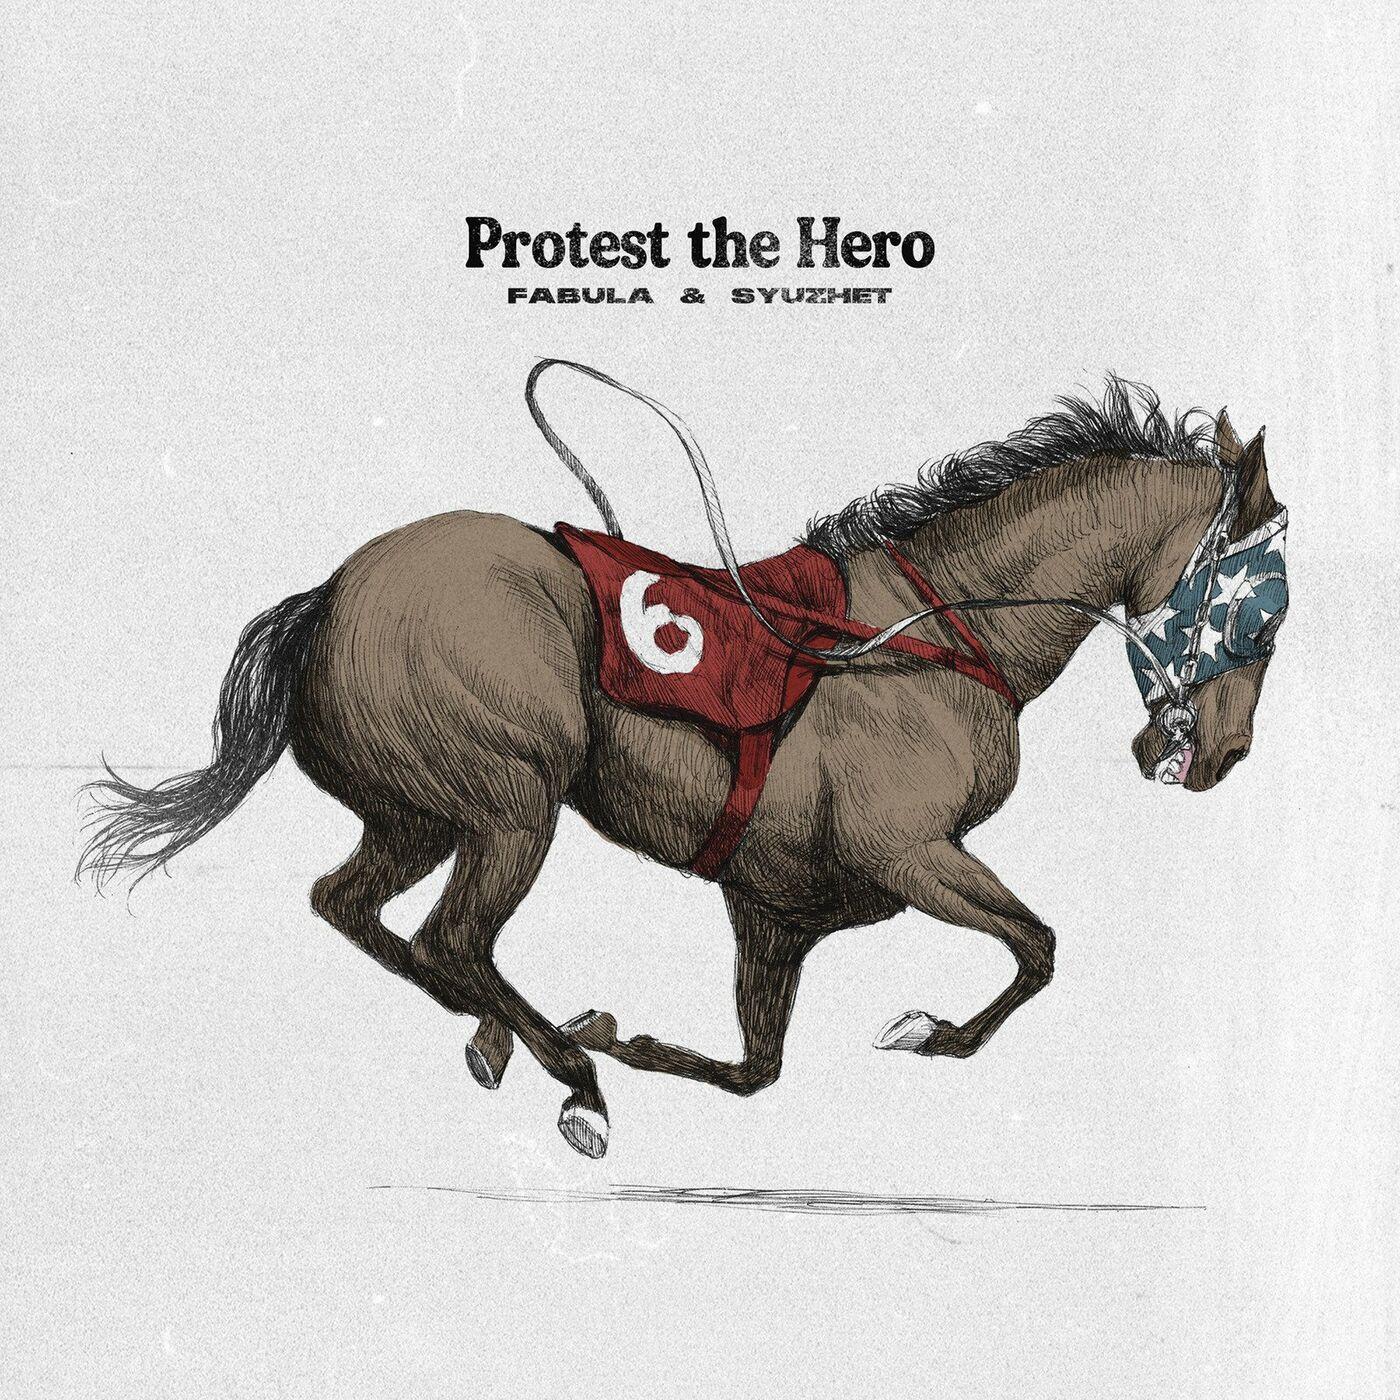 Protest The Hero - Fabula & Syuzhet [maxi-single] (2020)